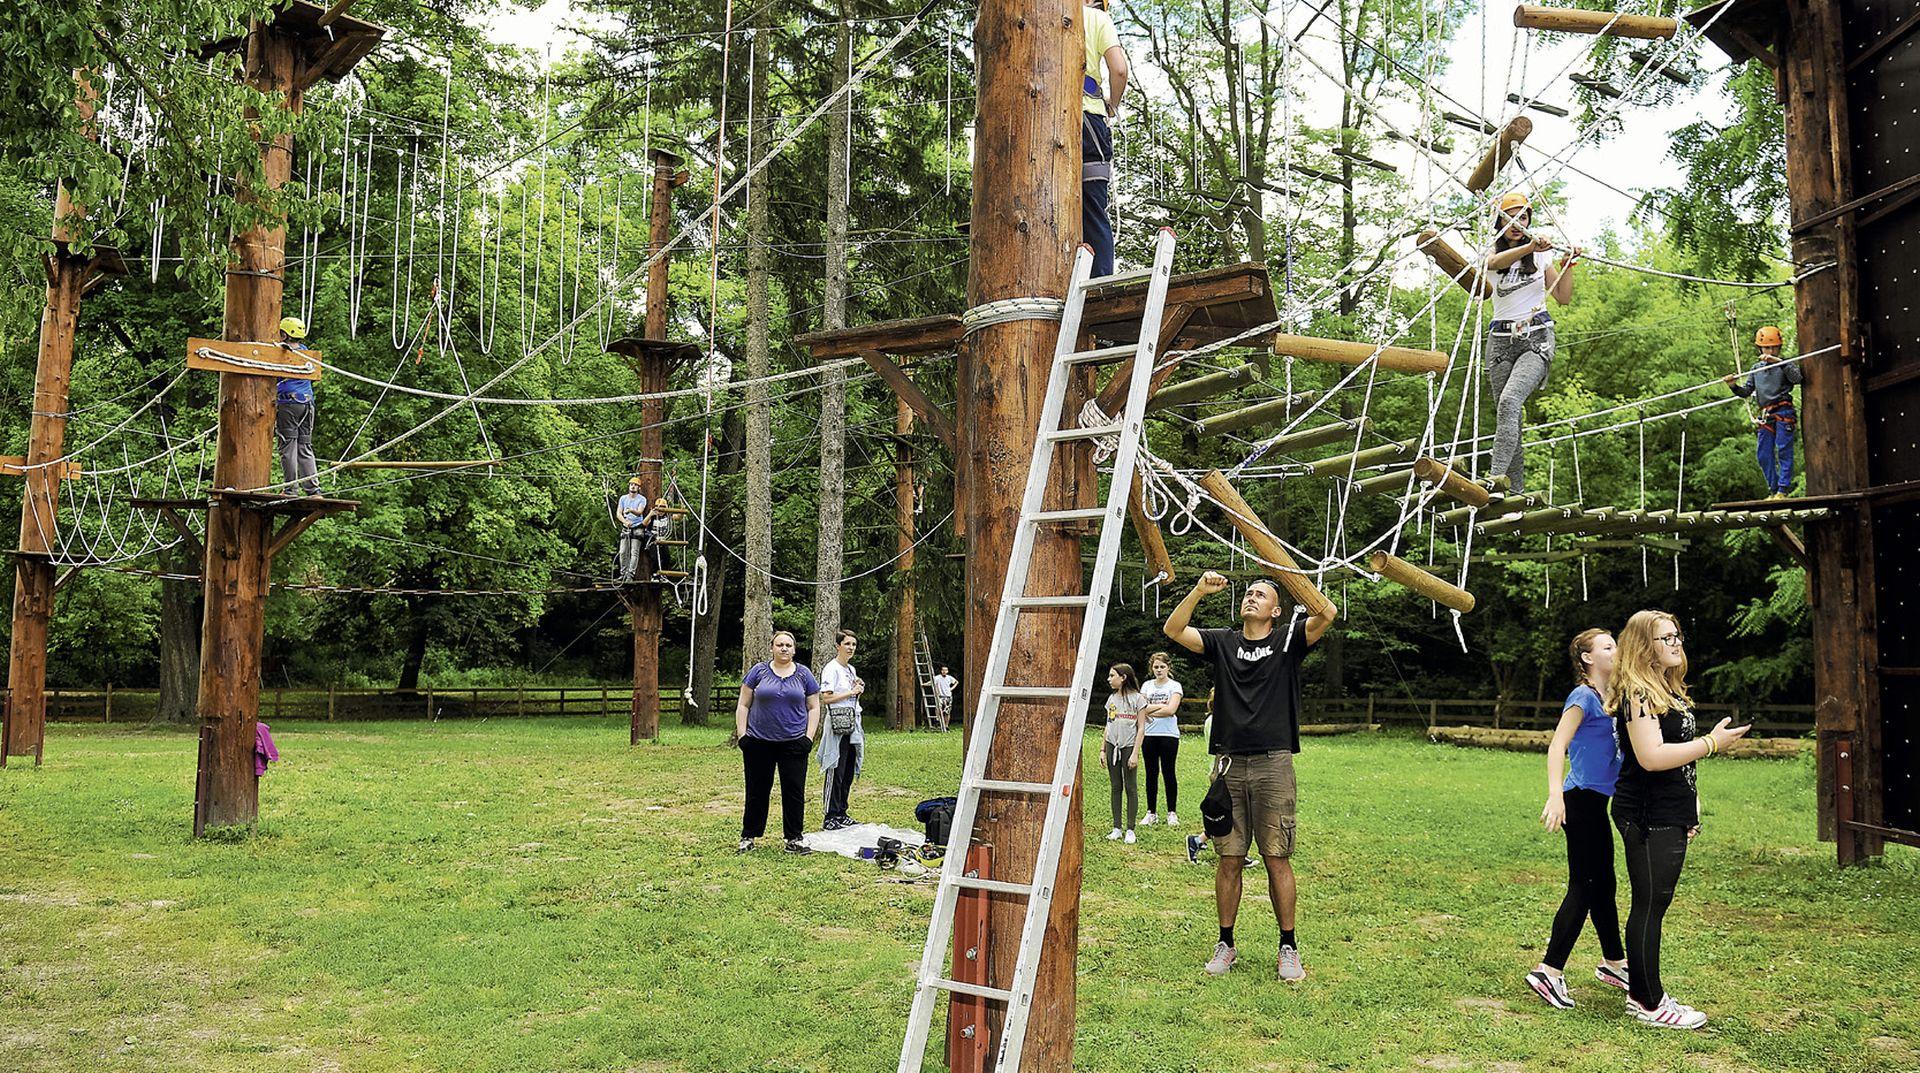 Kako je nastao jedinstveni adrenalinski park u Kopačkom ritu